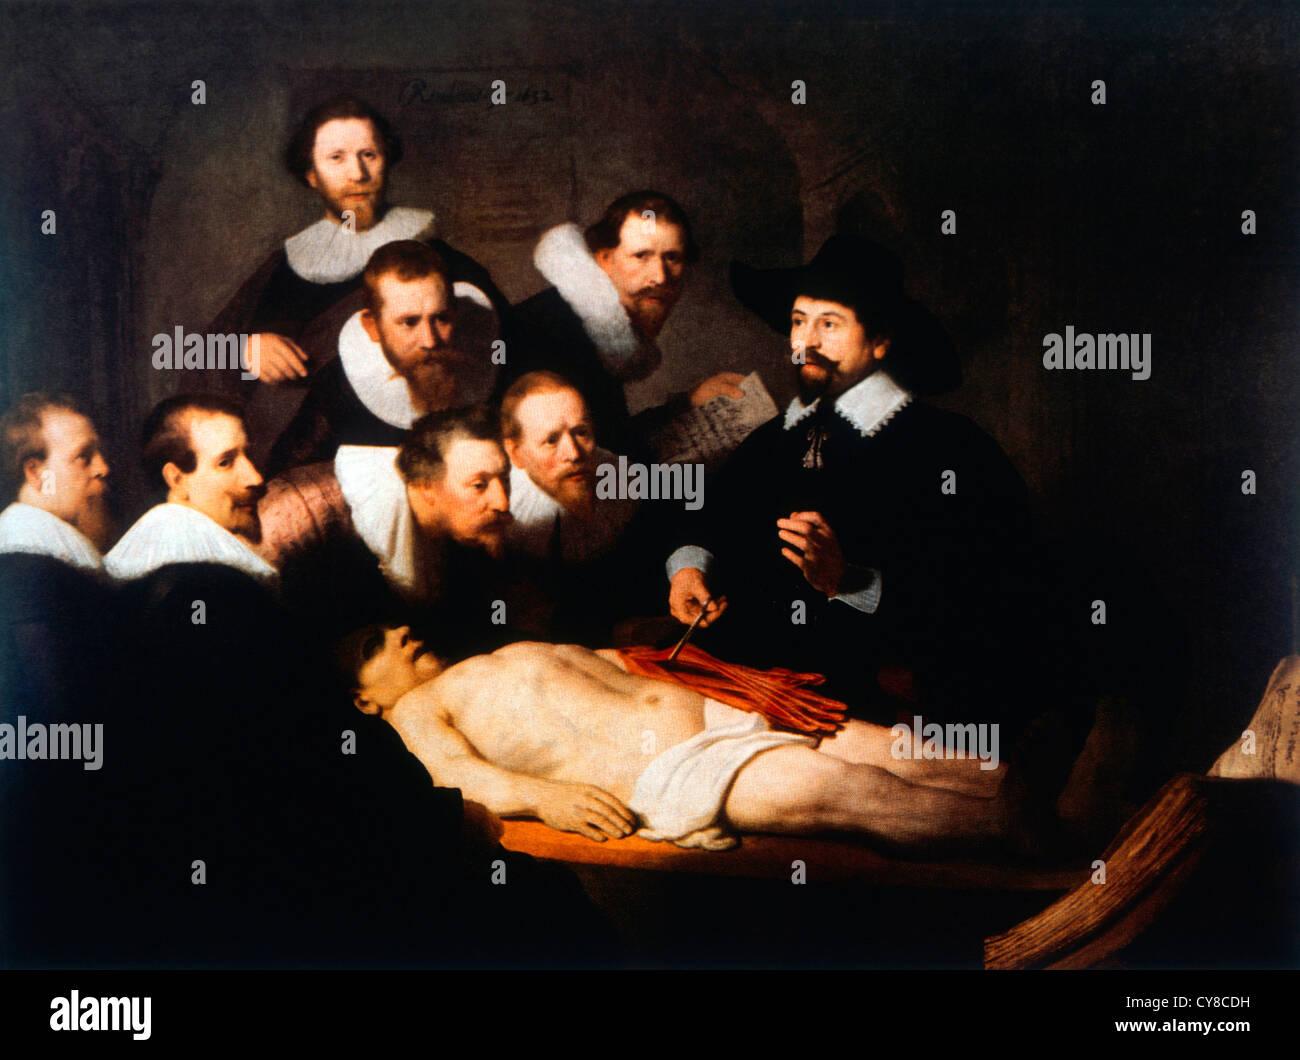 La Lección de Anatomía del Dr. Tulp, la pintura de Rembrandt, 1632 ...